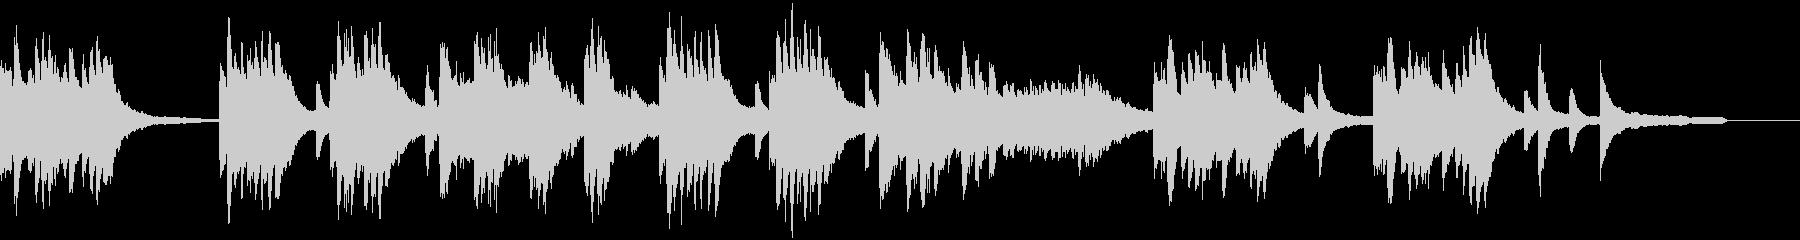 涼しげなピアノソロの未再生の波形